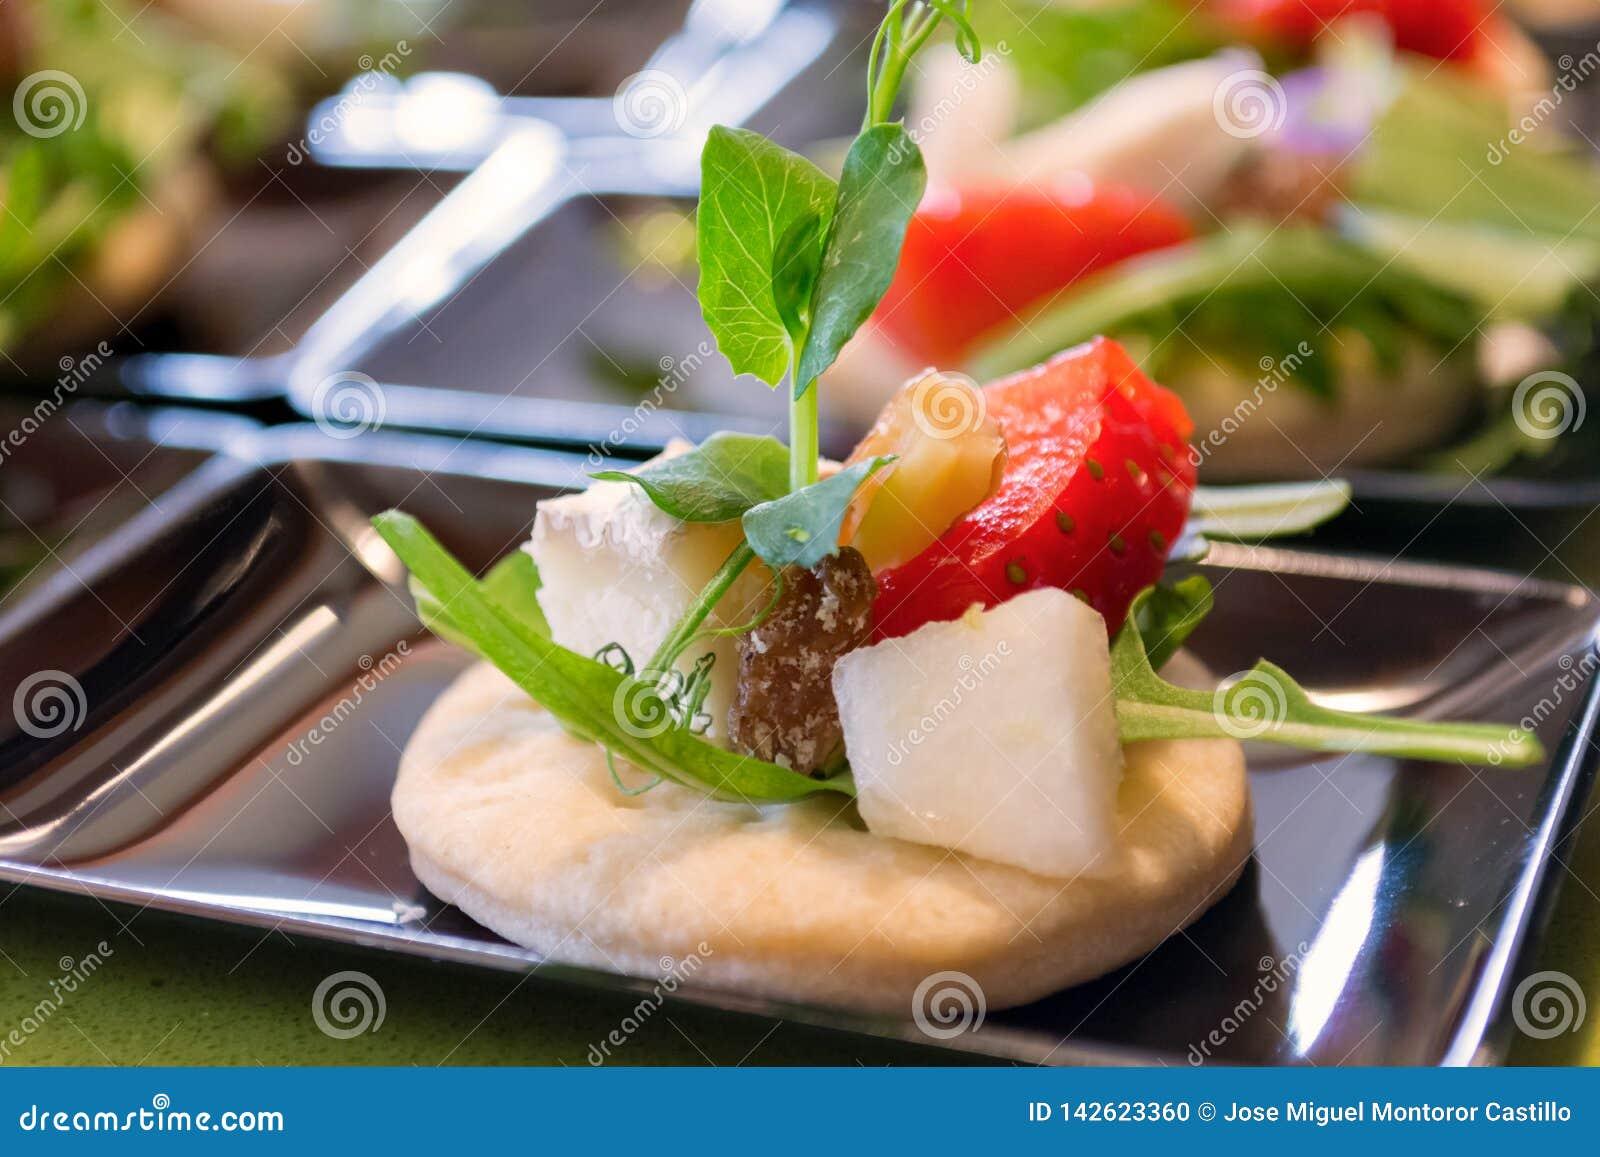 Koekje met fruit en salade